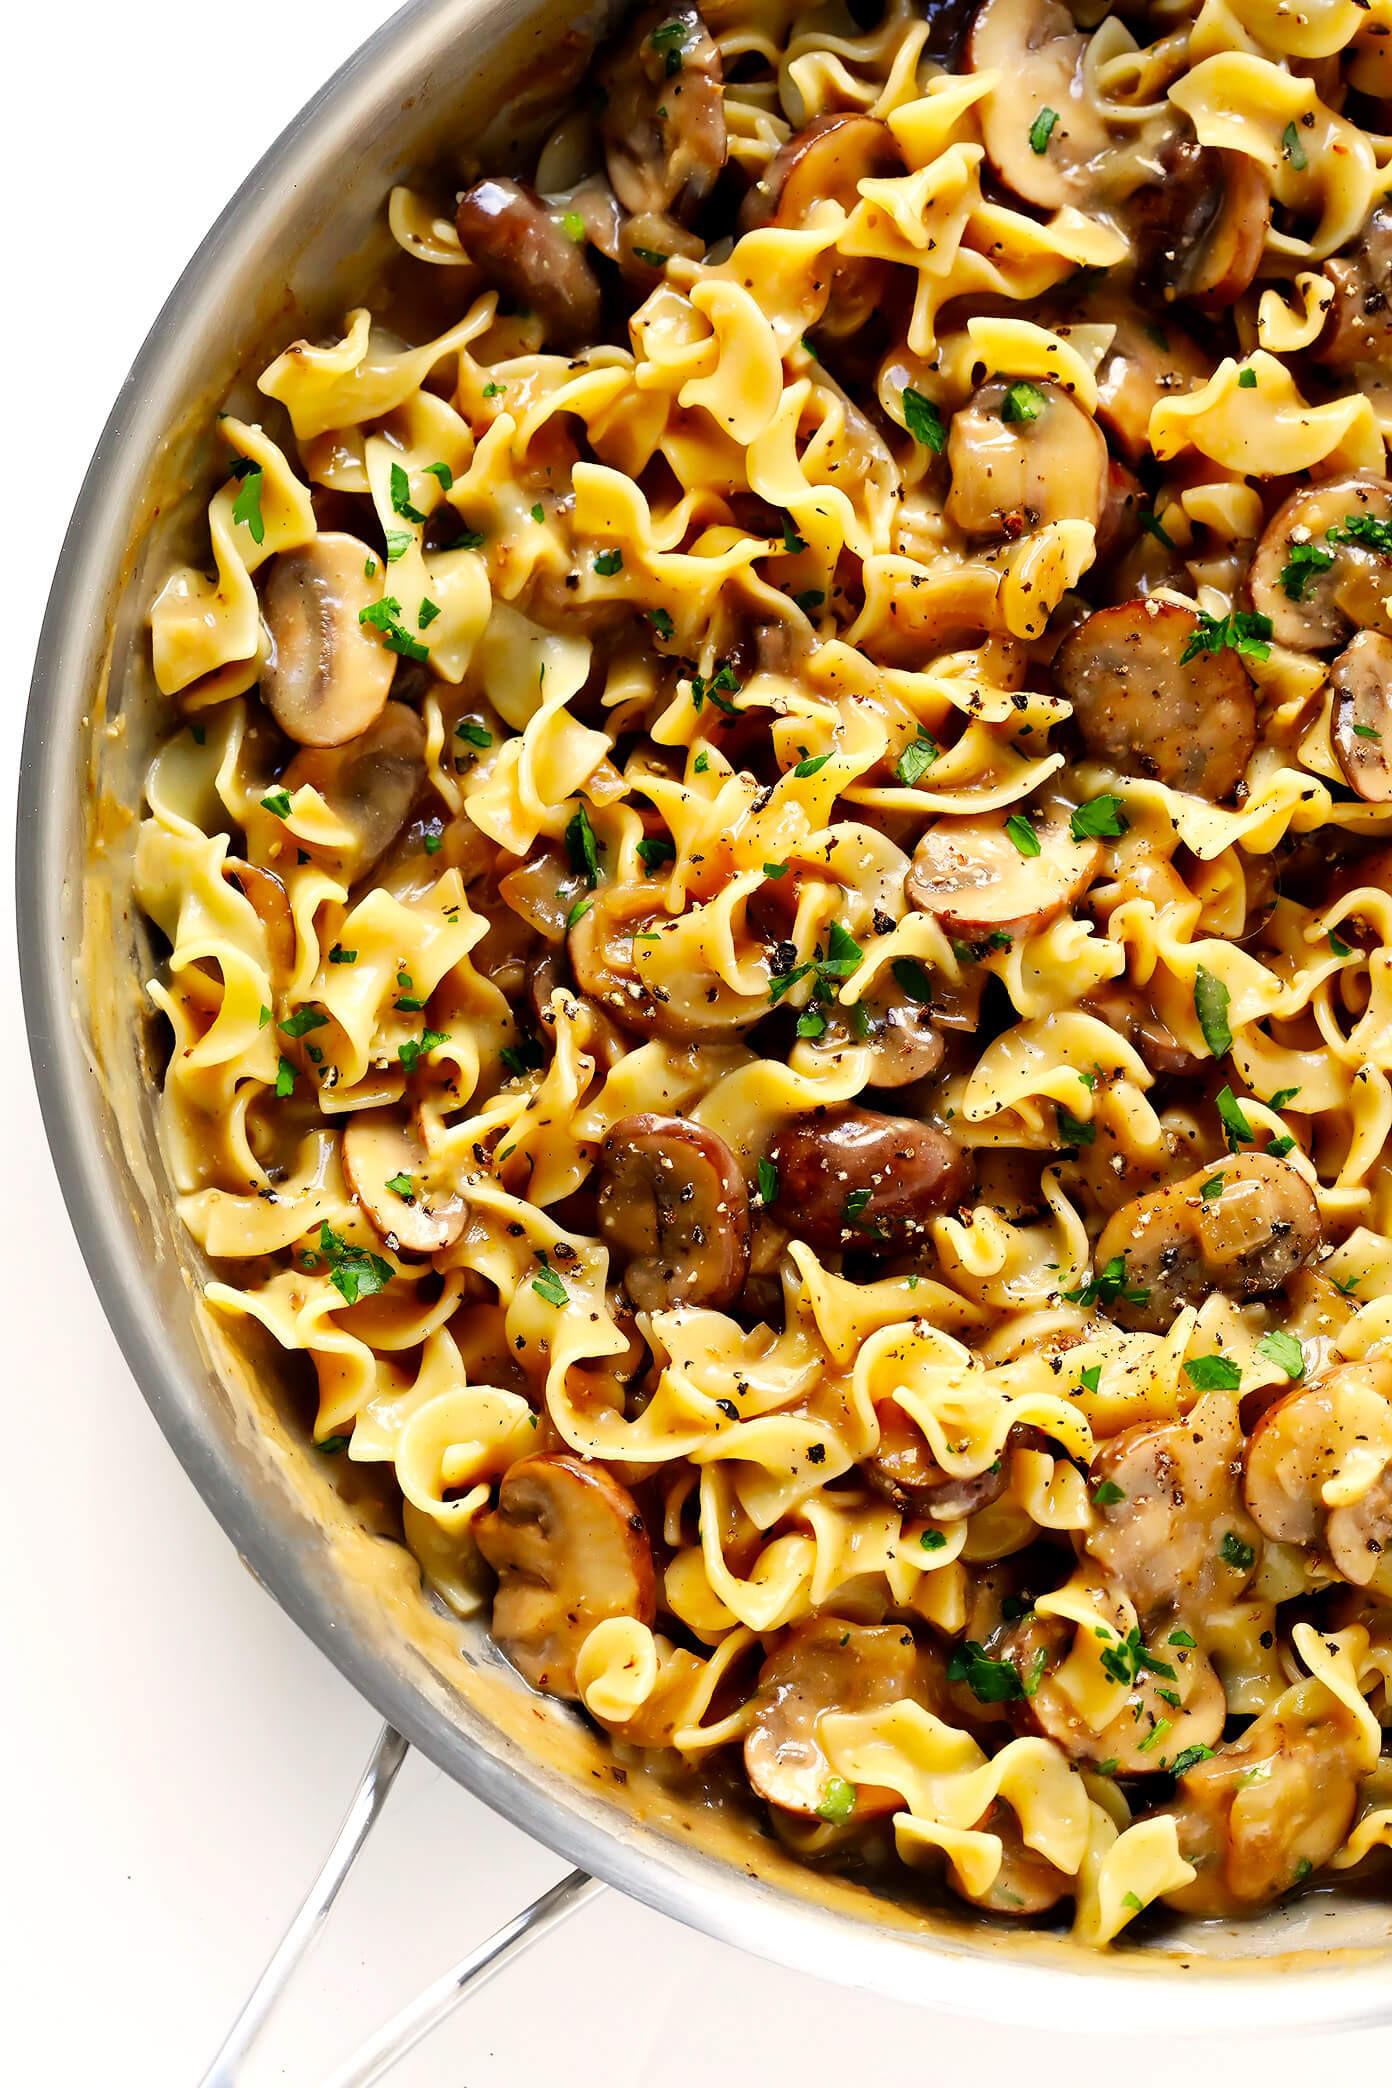 Vegetarian Recipes Mushrooms  Mushroom Stroganoff